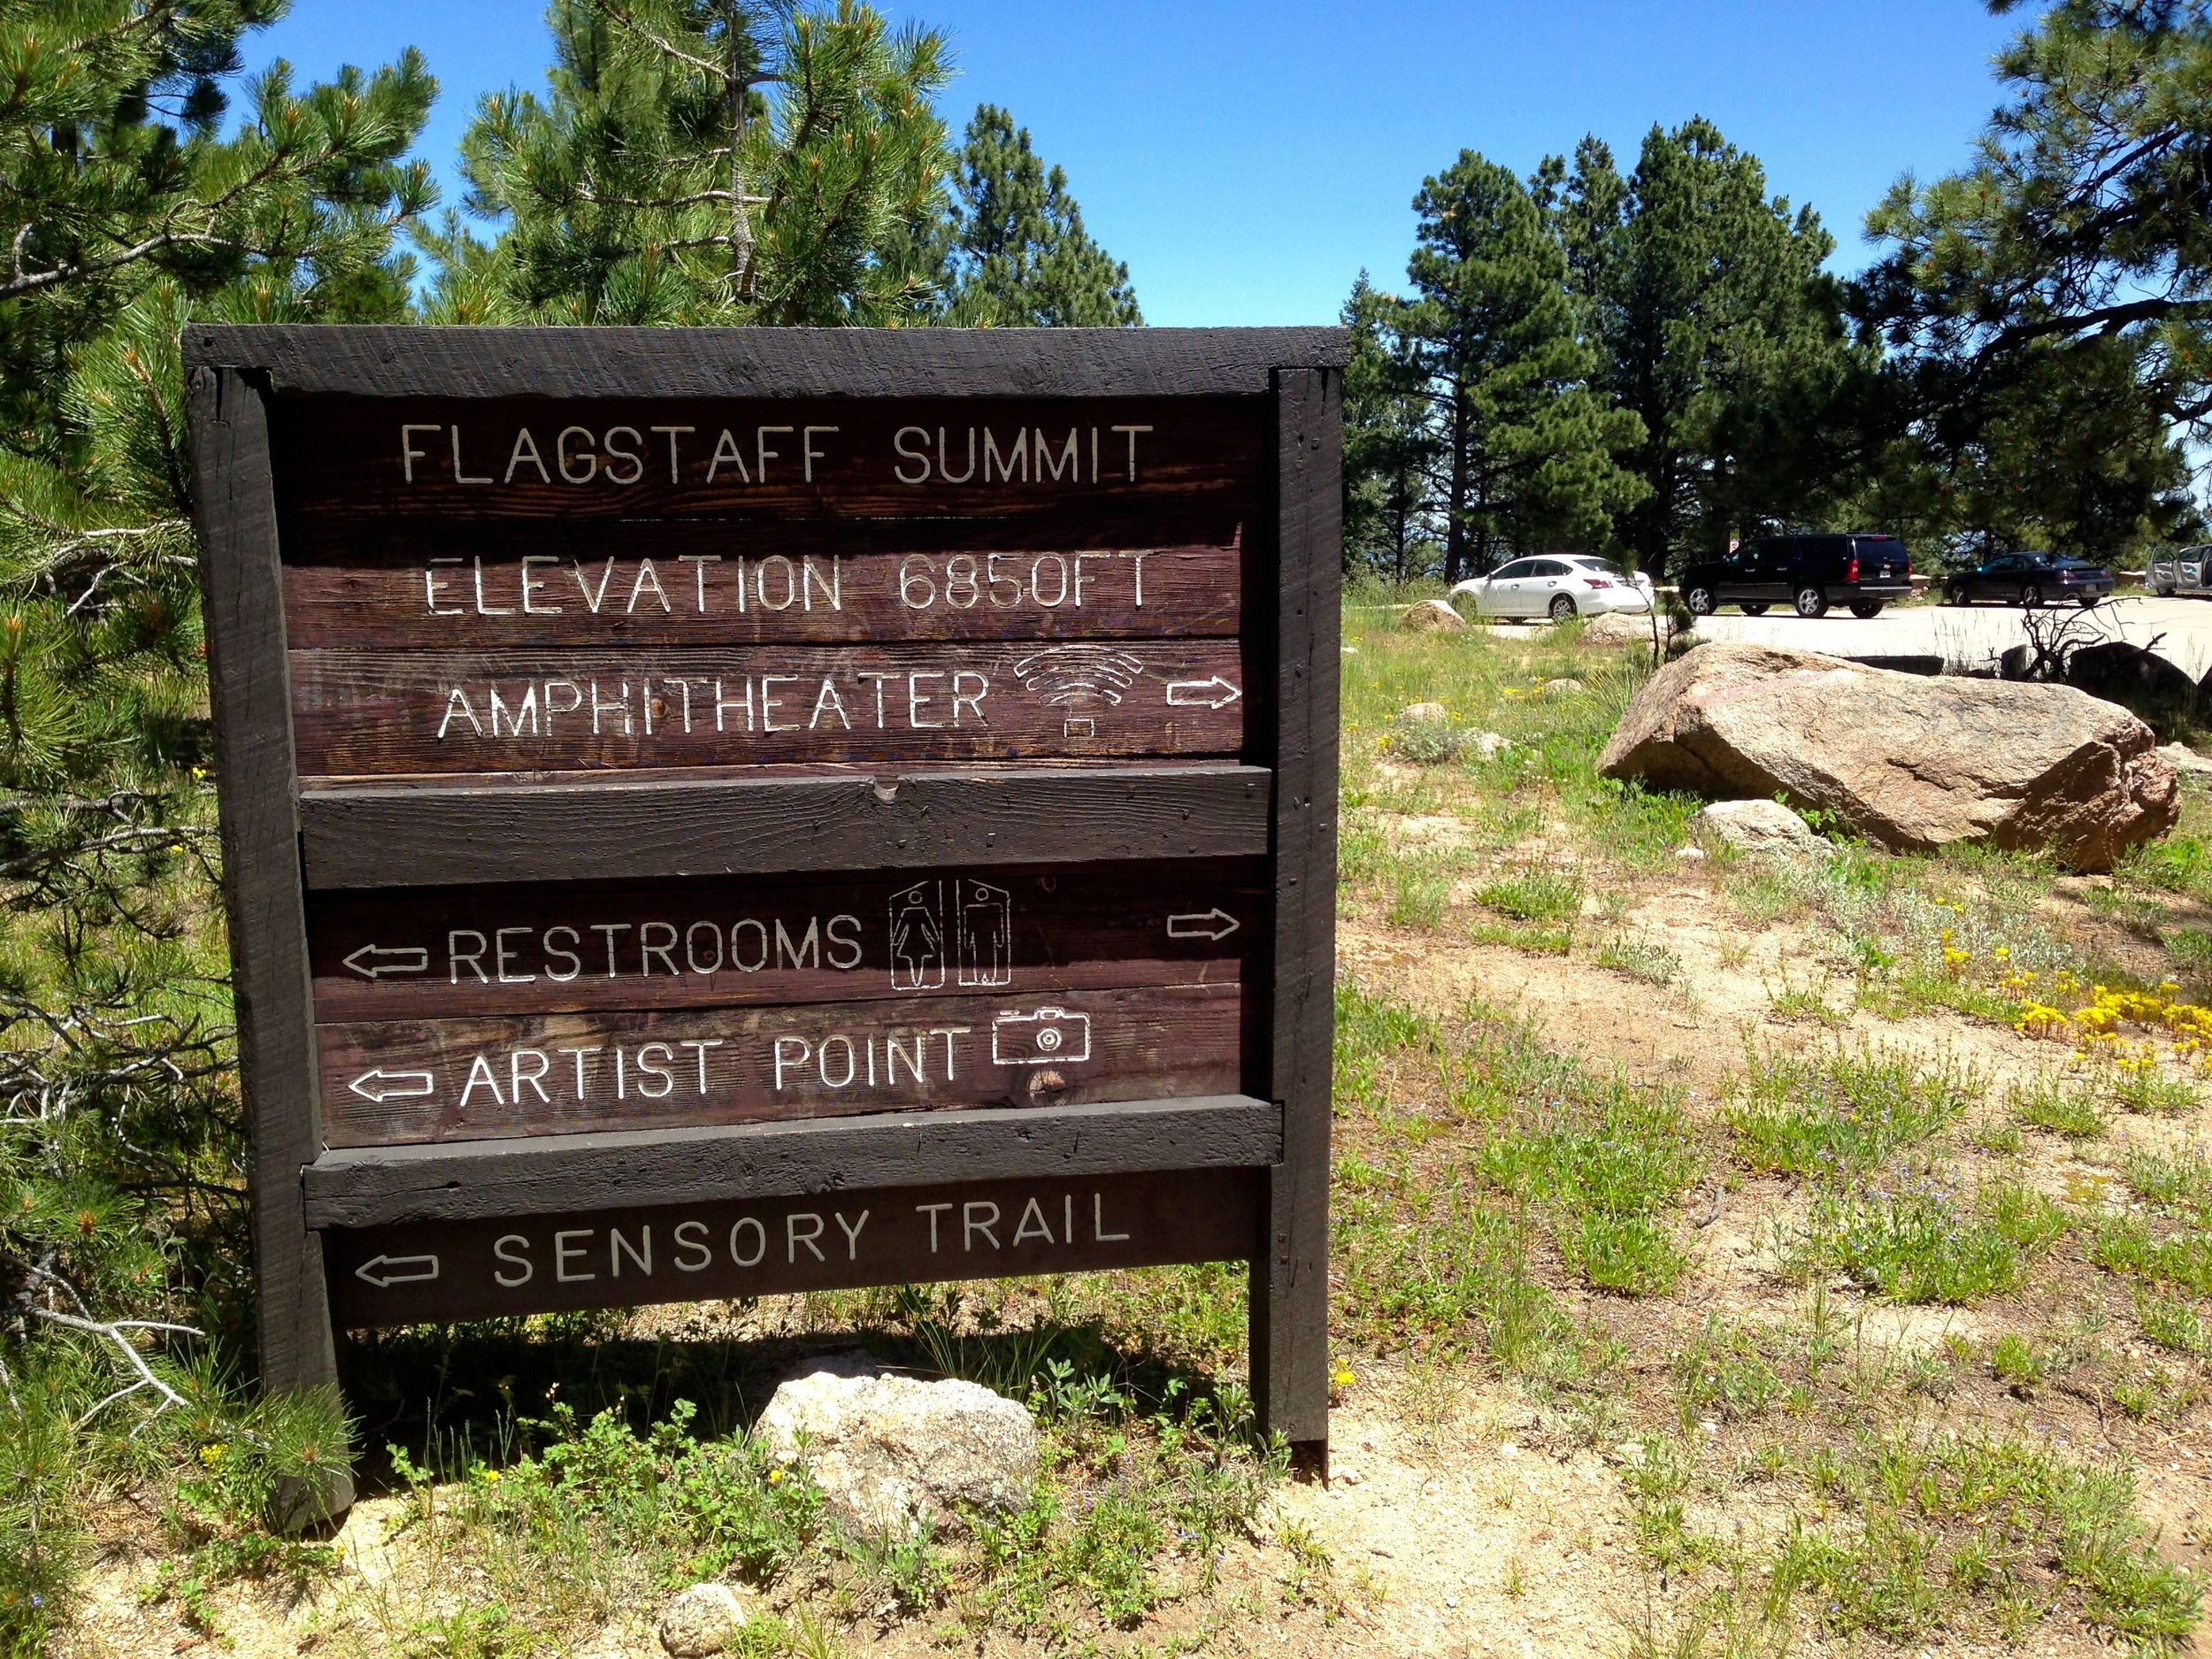 Flagstaff Summit Boulder